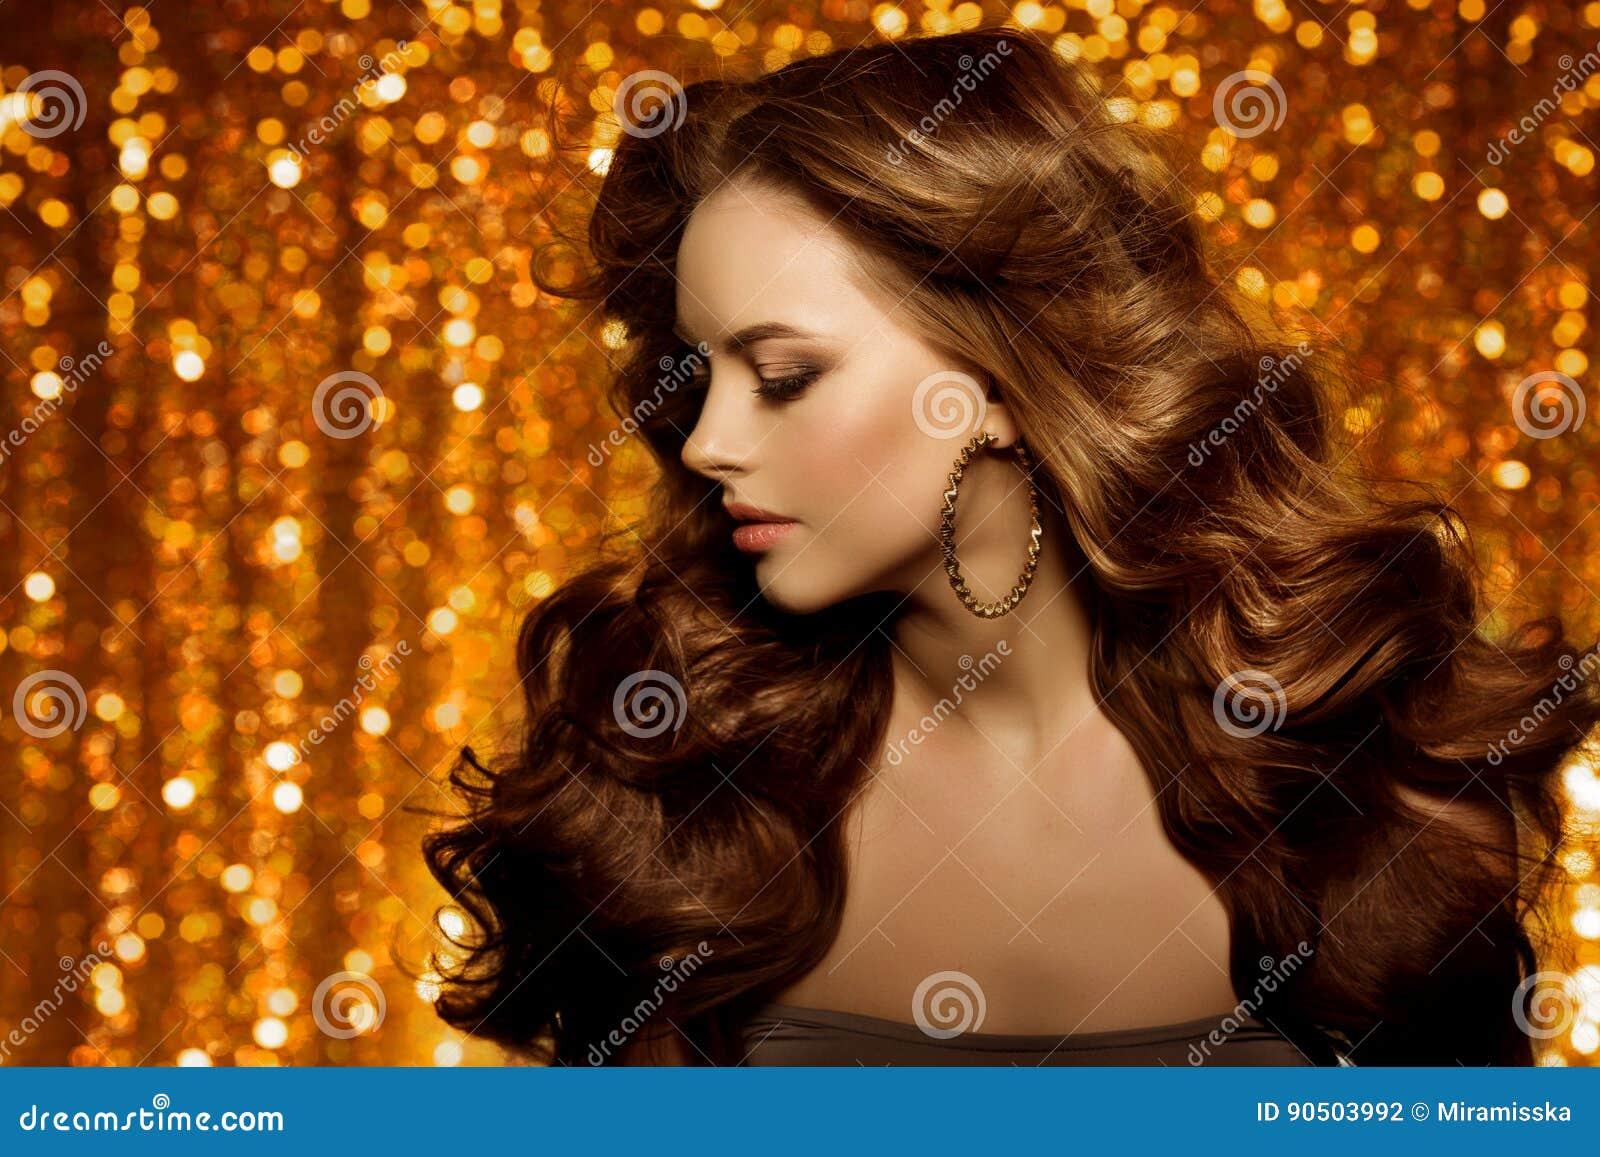 Belle femme d or de mode, modèle avec long v sain brillant